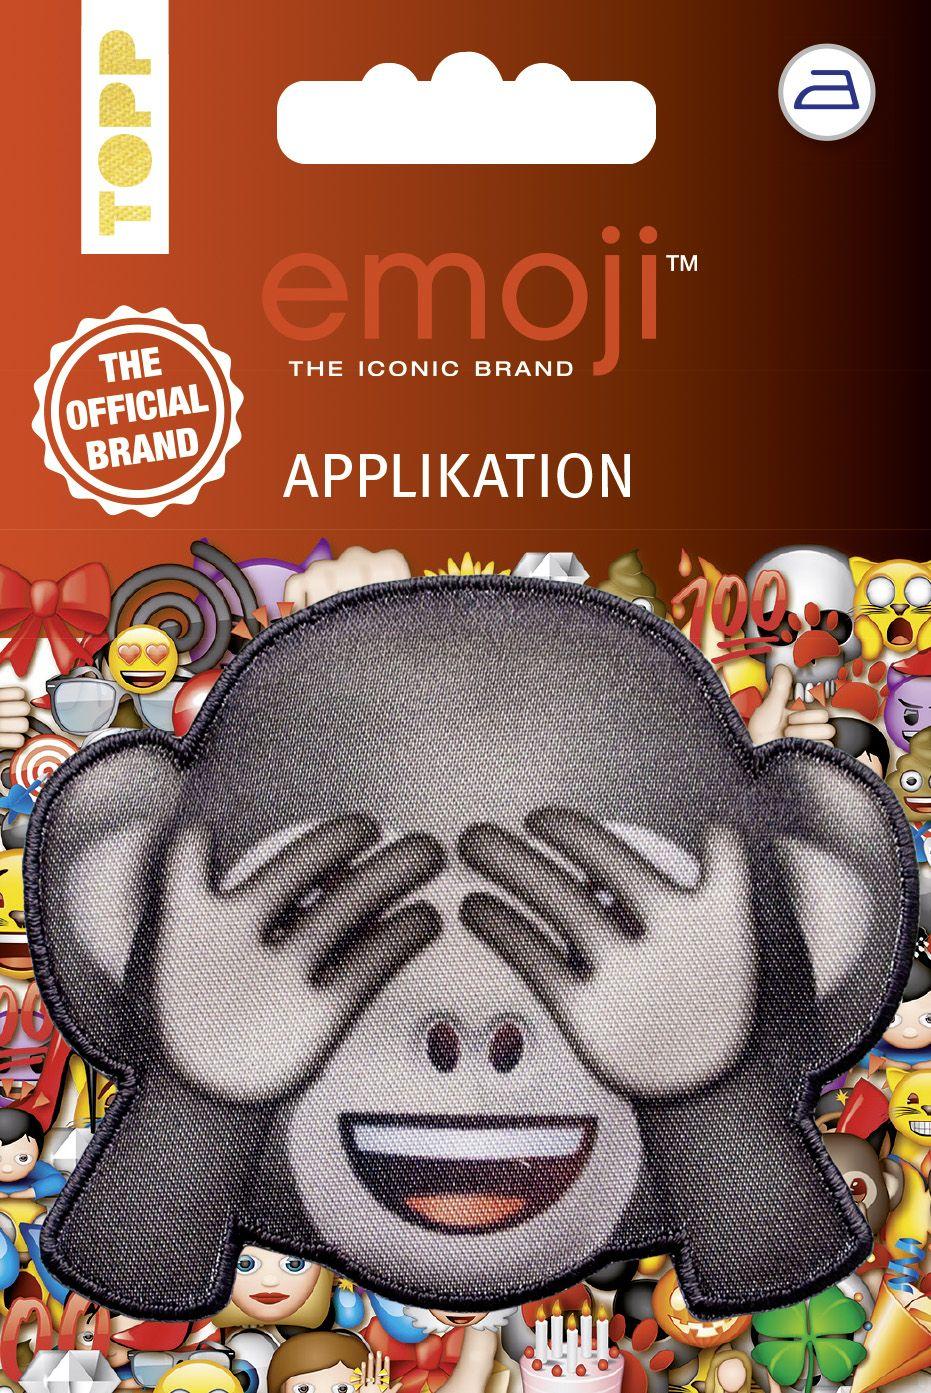 Emoji Applikation Affe Nicht Sehen Von Frechverlag Applikation Zum